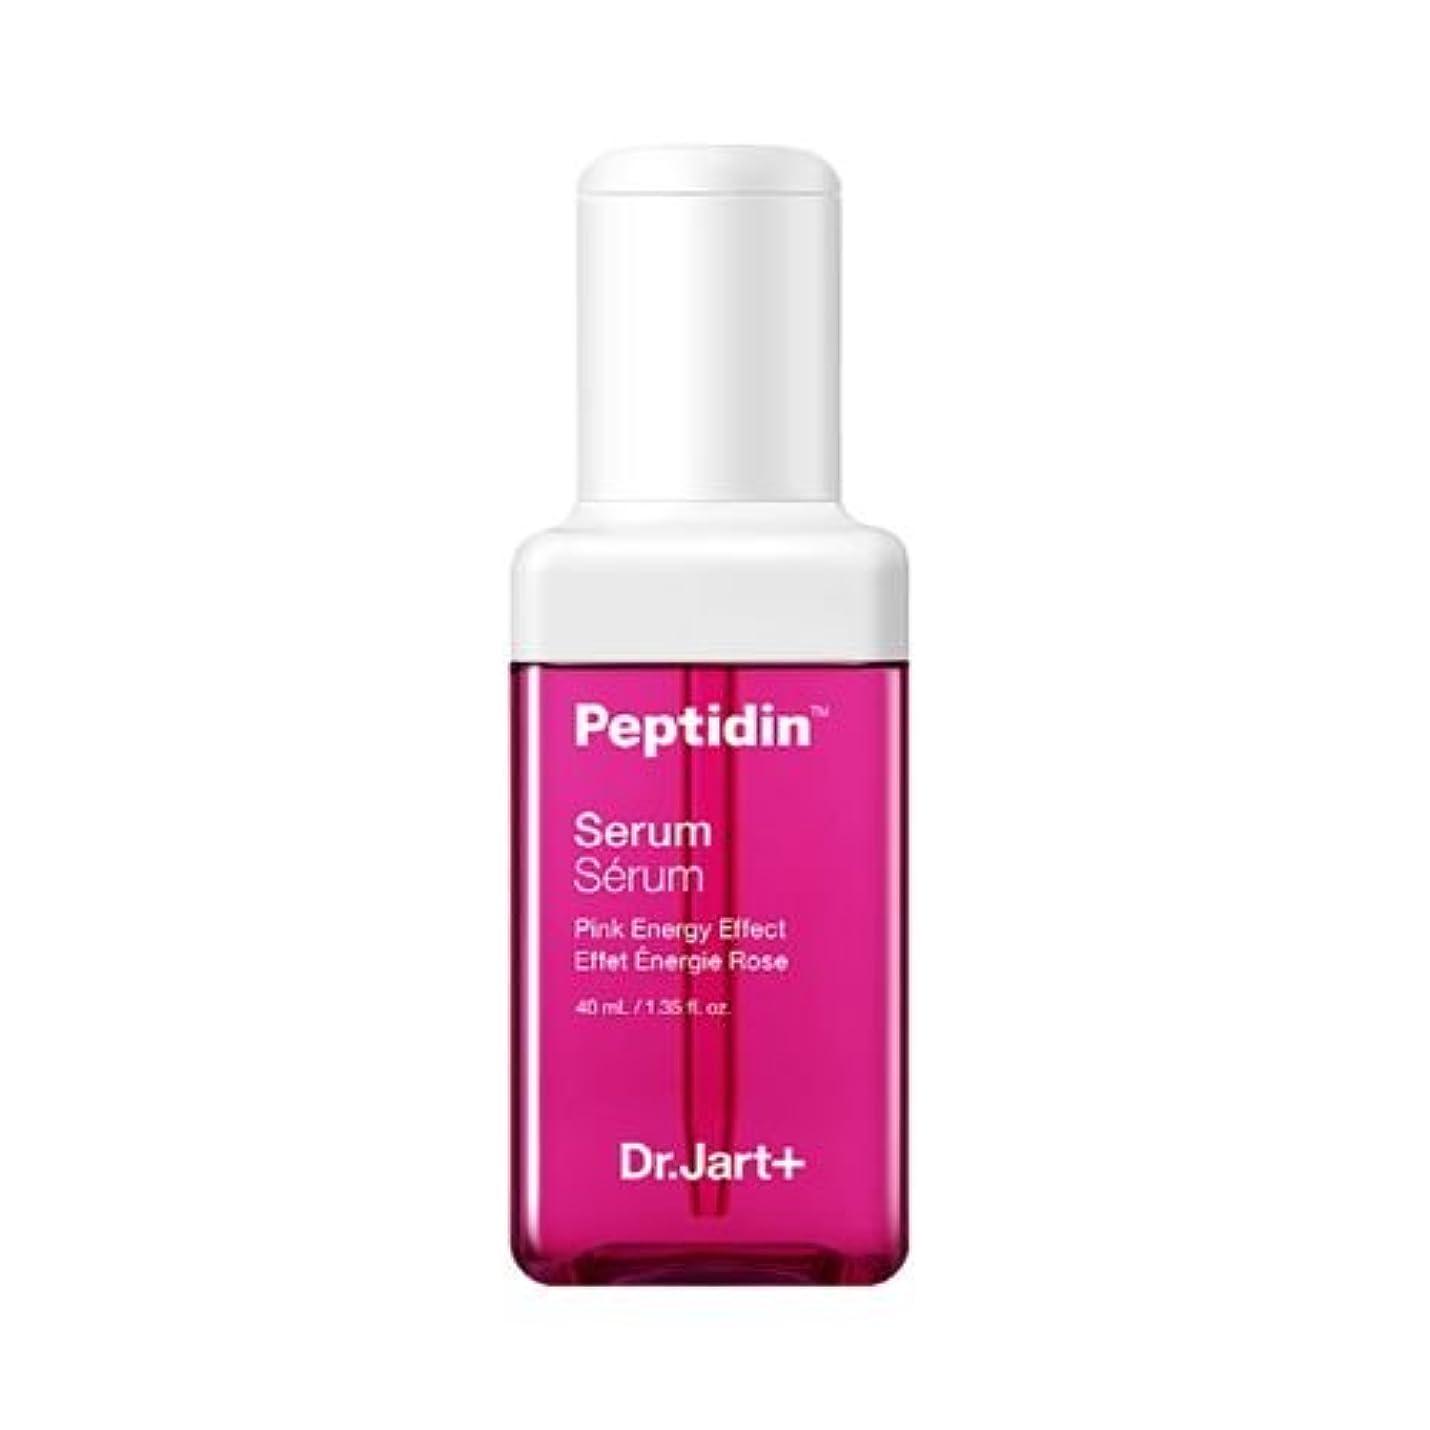 アンデス山脈強化マーチャンダイジング[DR Jart] Peptidin serum Pink Energy effect ドクタージャルトペプチドディーン セラムピンクエネルギー 40ml[海外直送品] [並行輸入品]